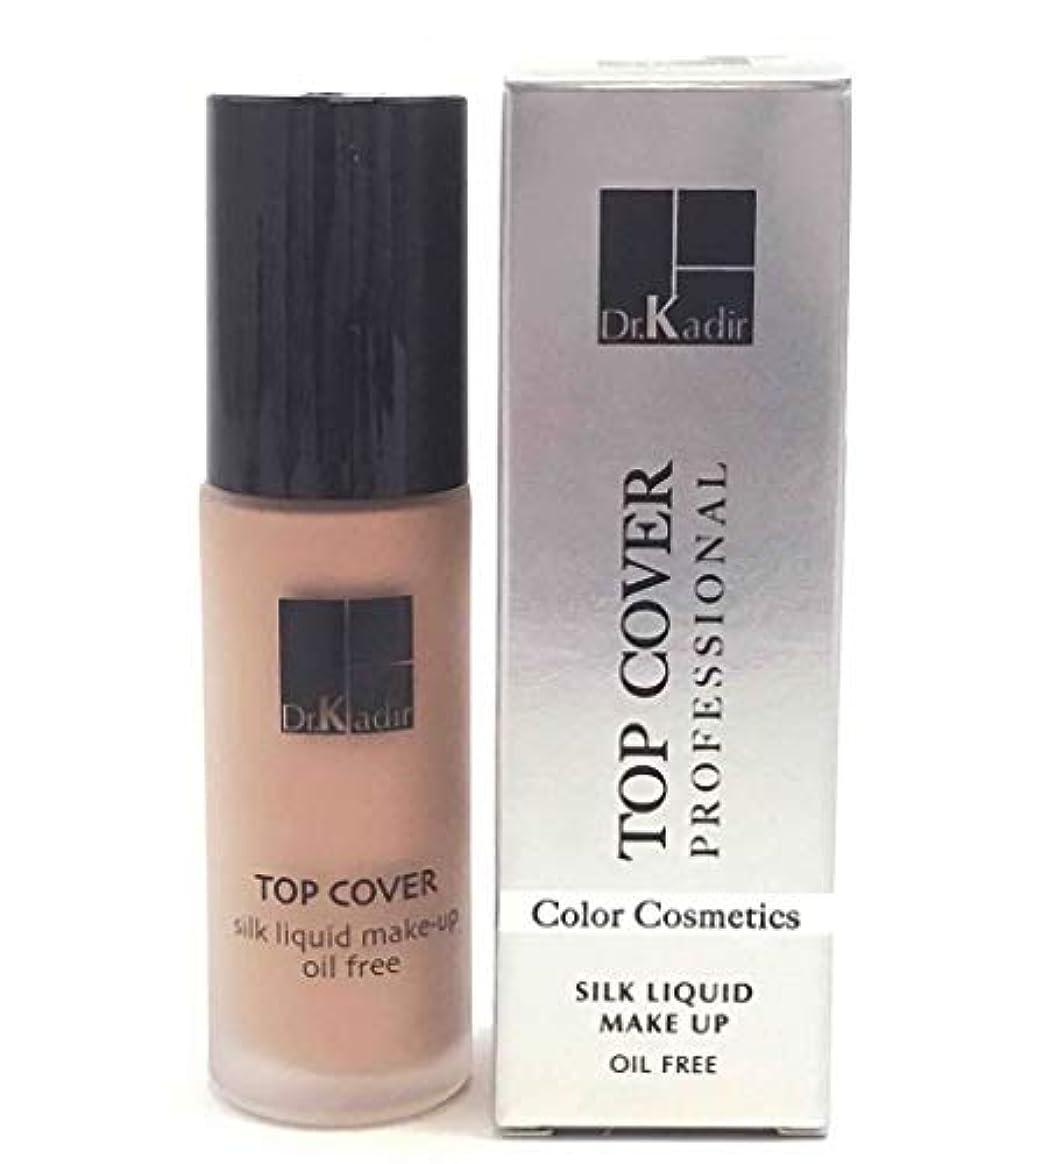 フォーマルバター法王Dr. Kadir Top Cover Silk Liquid Make Up Oil Free 30ml (shade 1)